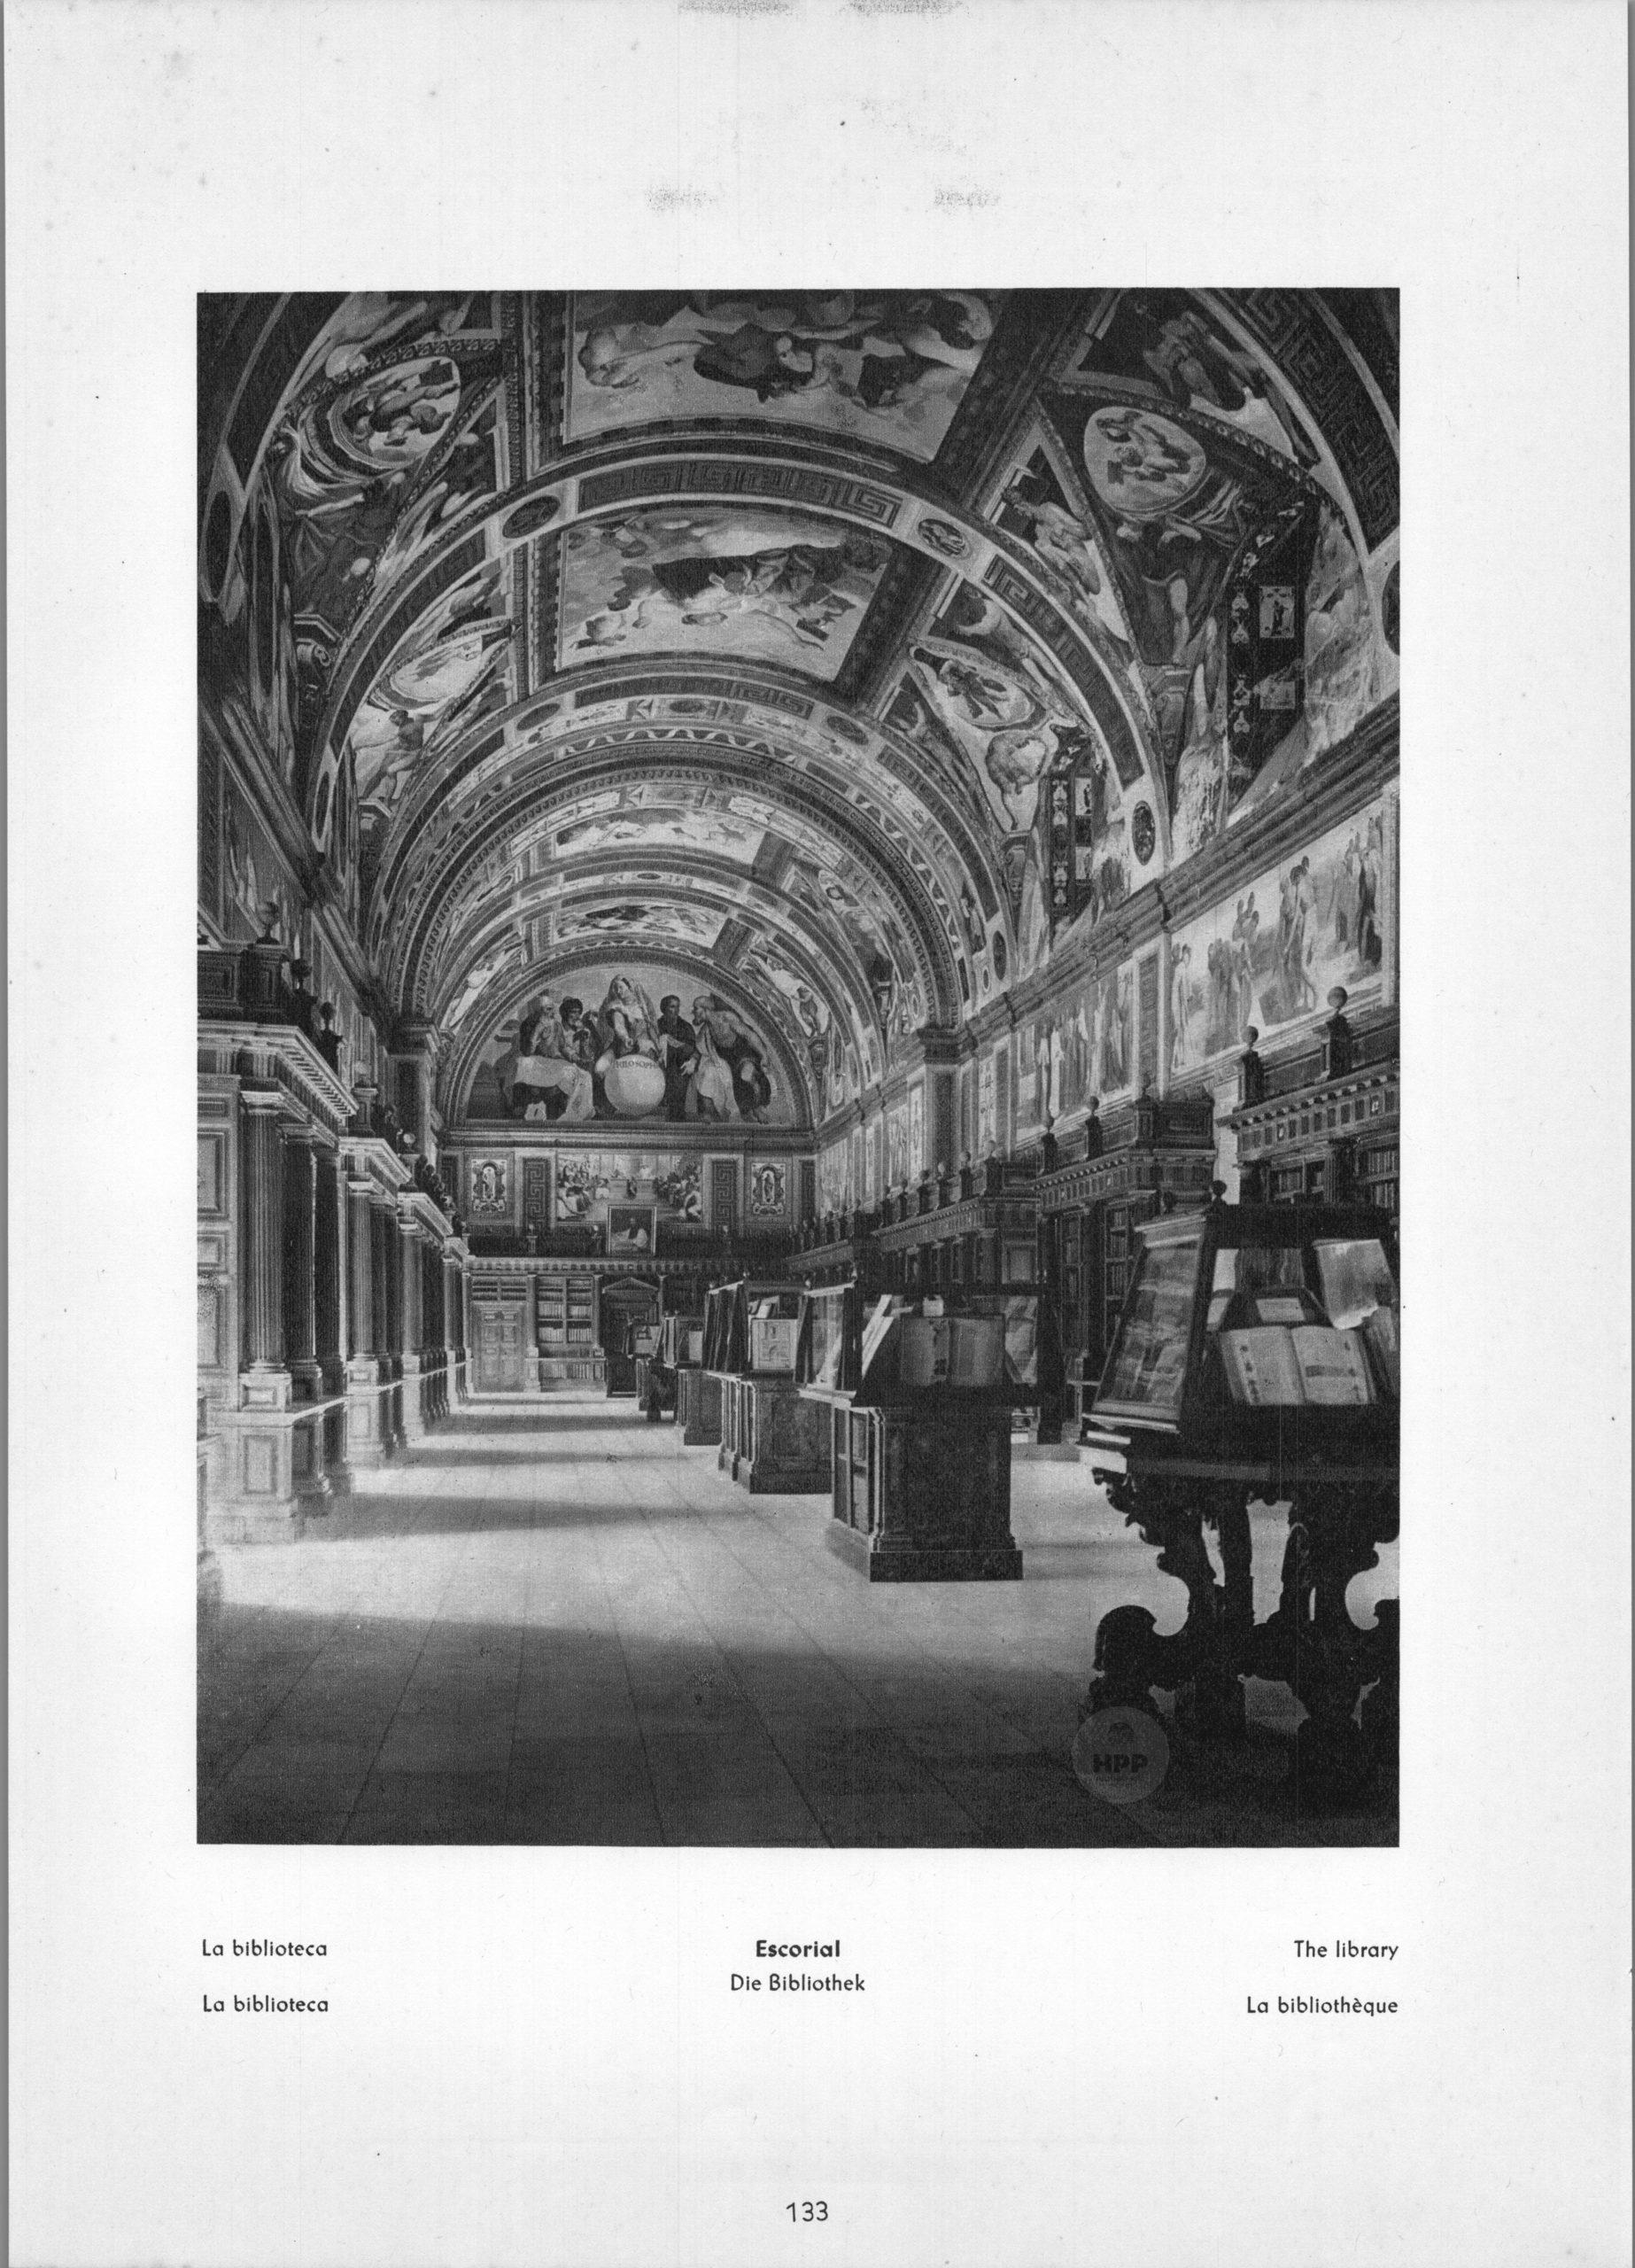 Escorial - The library